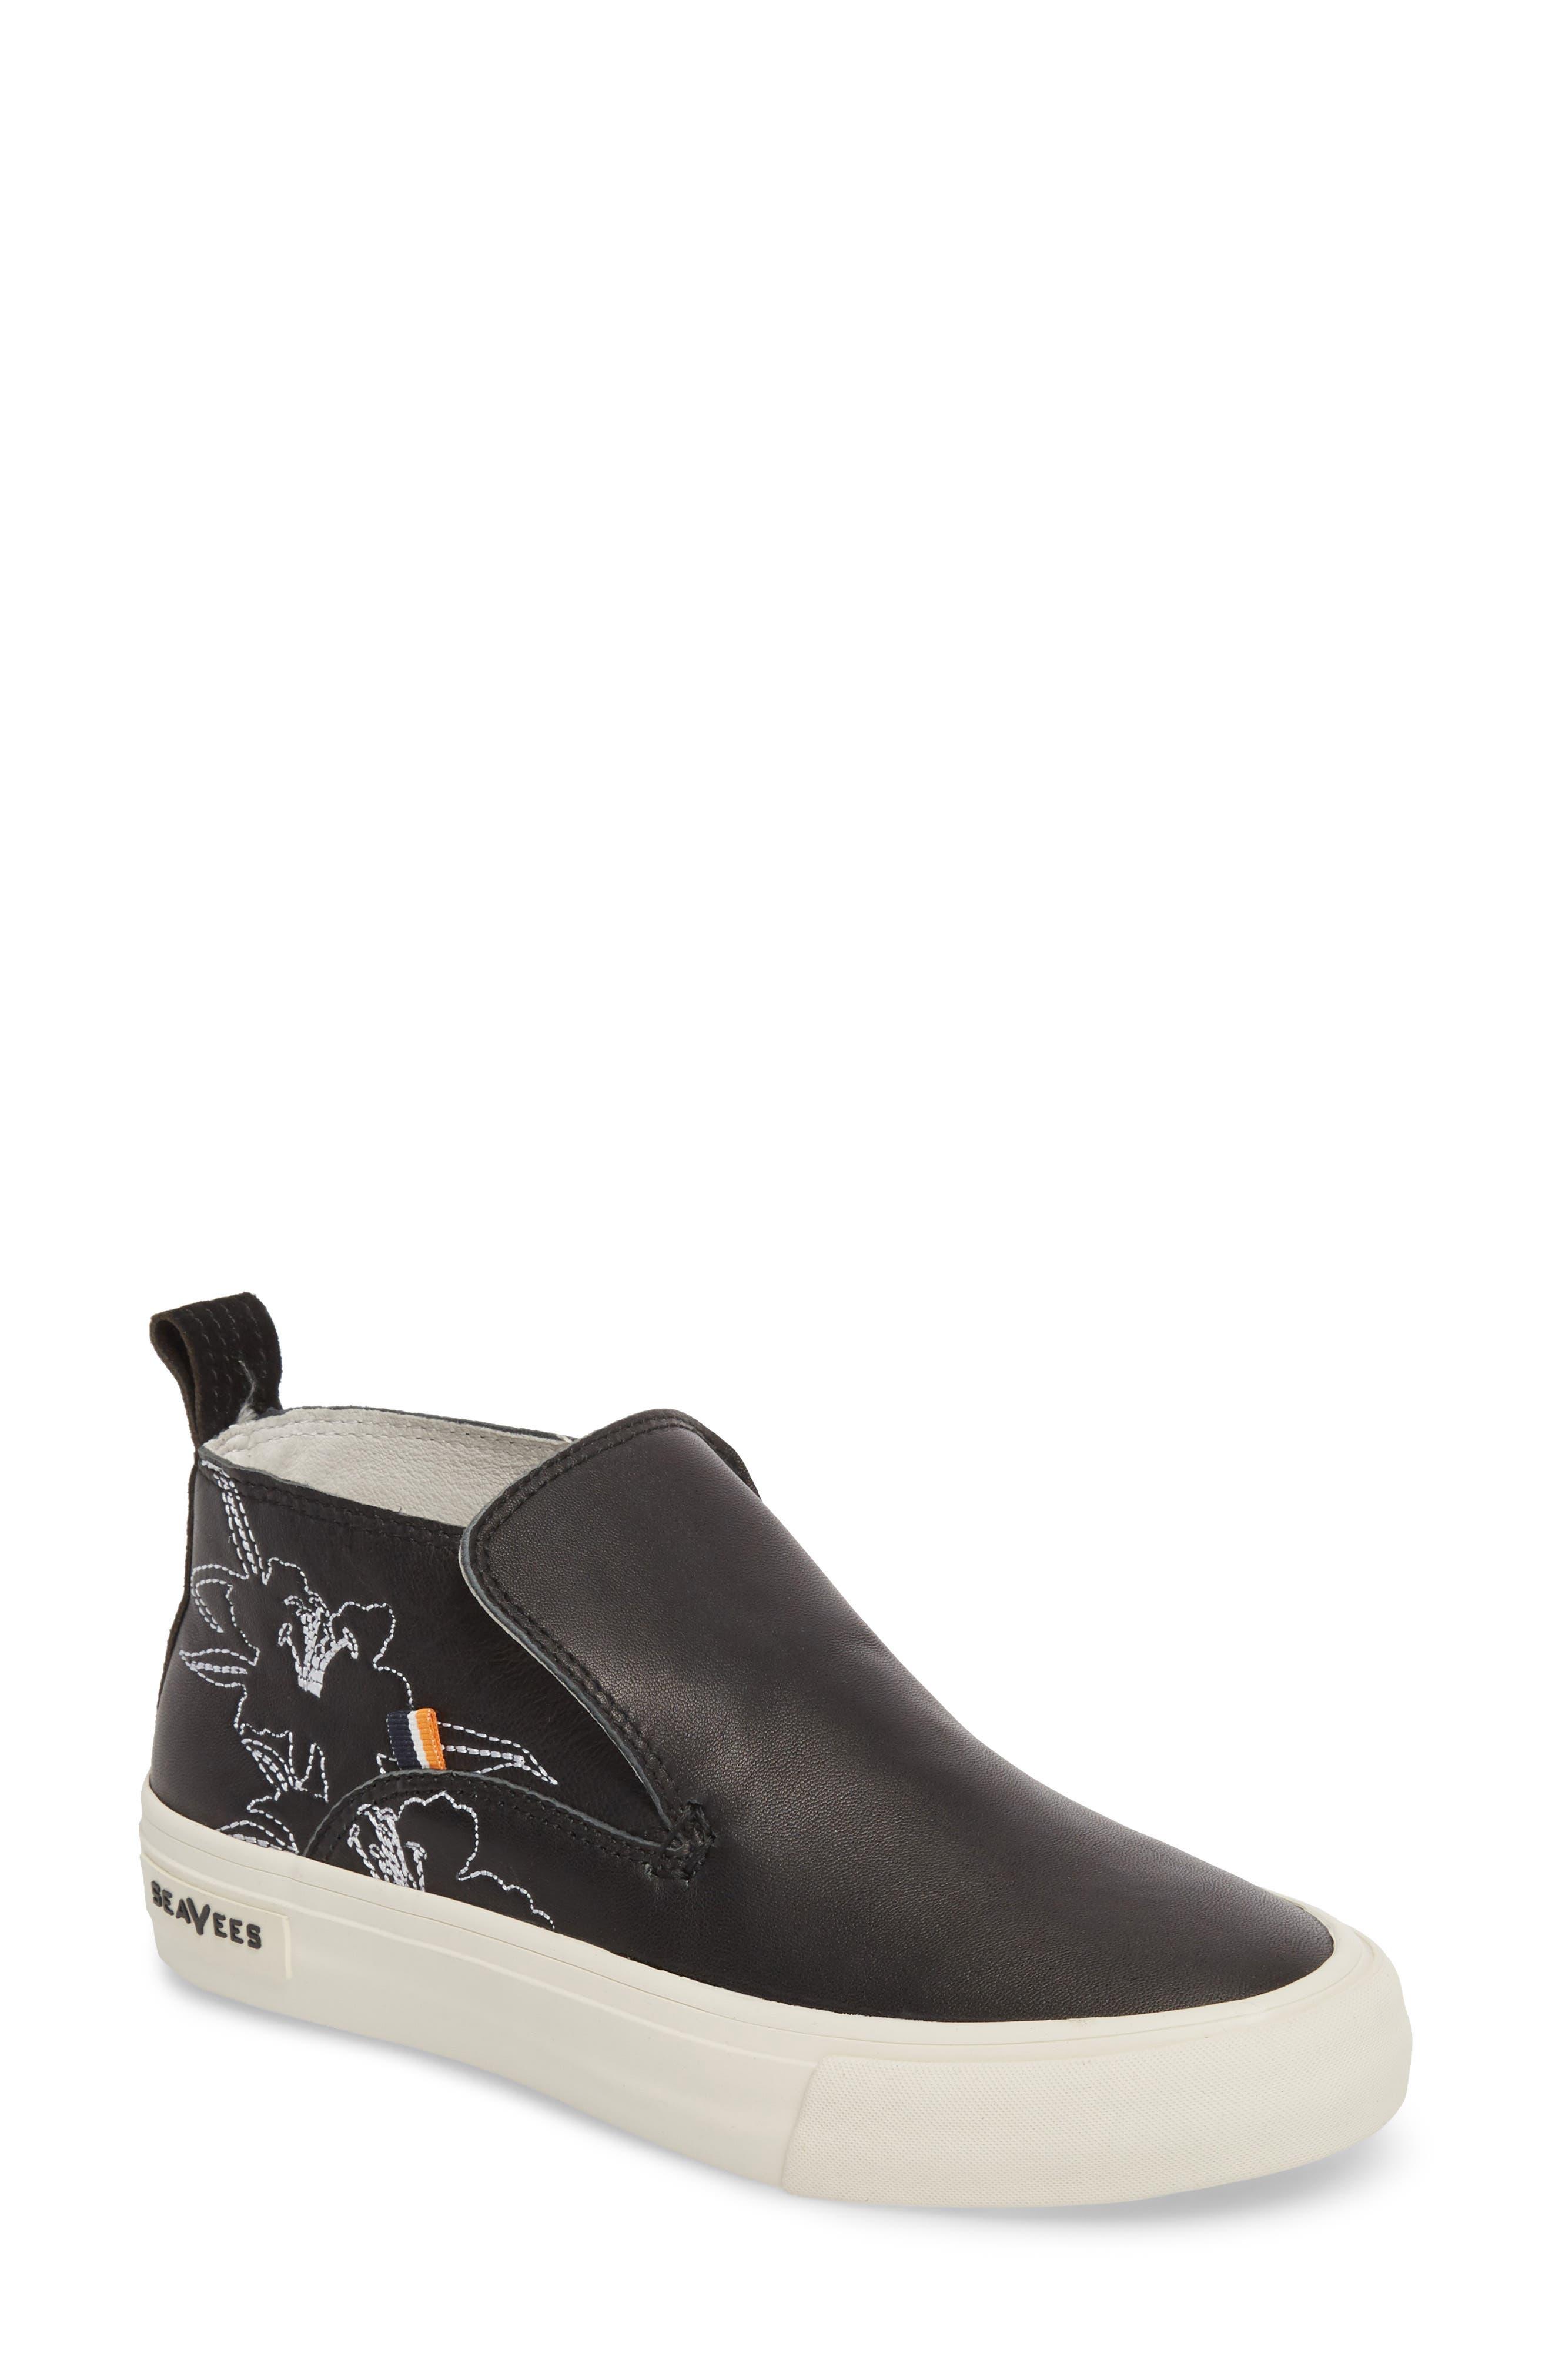 x Derek Lam 10 Crosby Huntington Middie Sneaker,                         Main,                         color, BLACK LEATHER